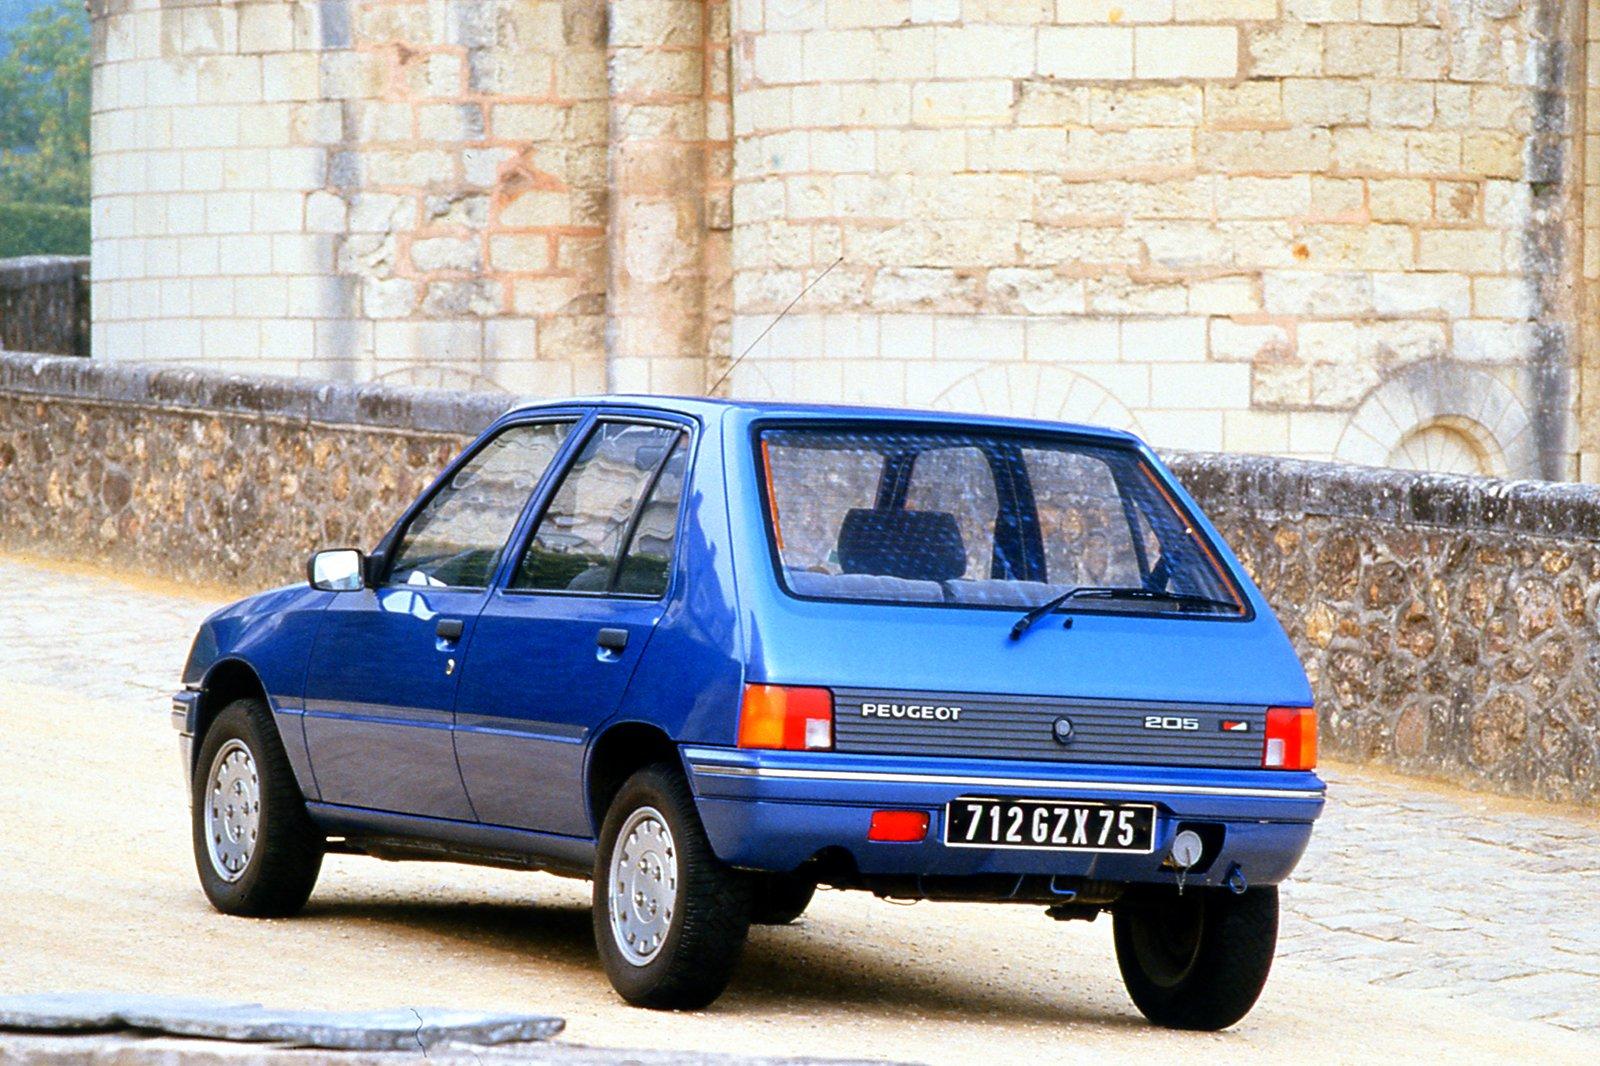 Peugeot 205 rear